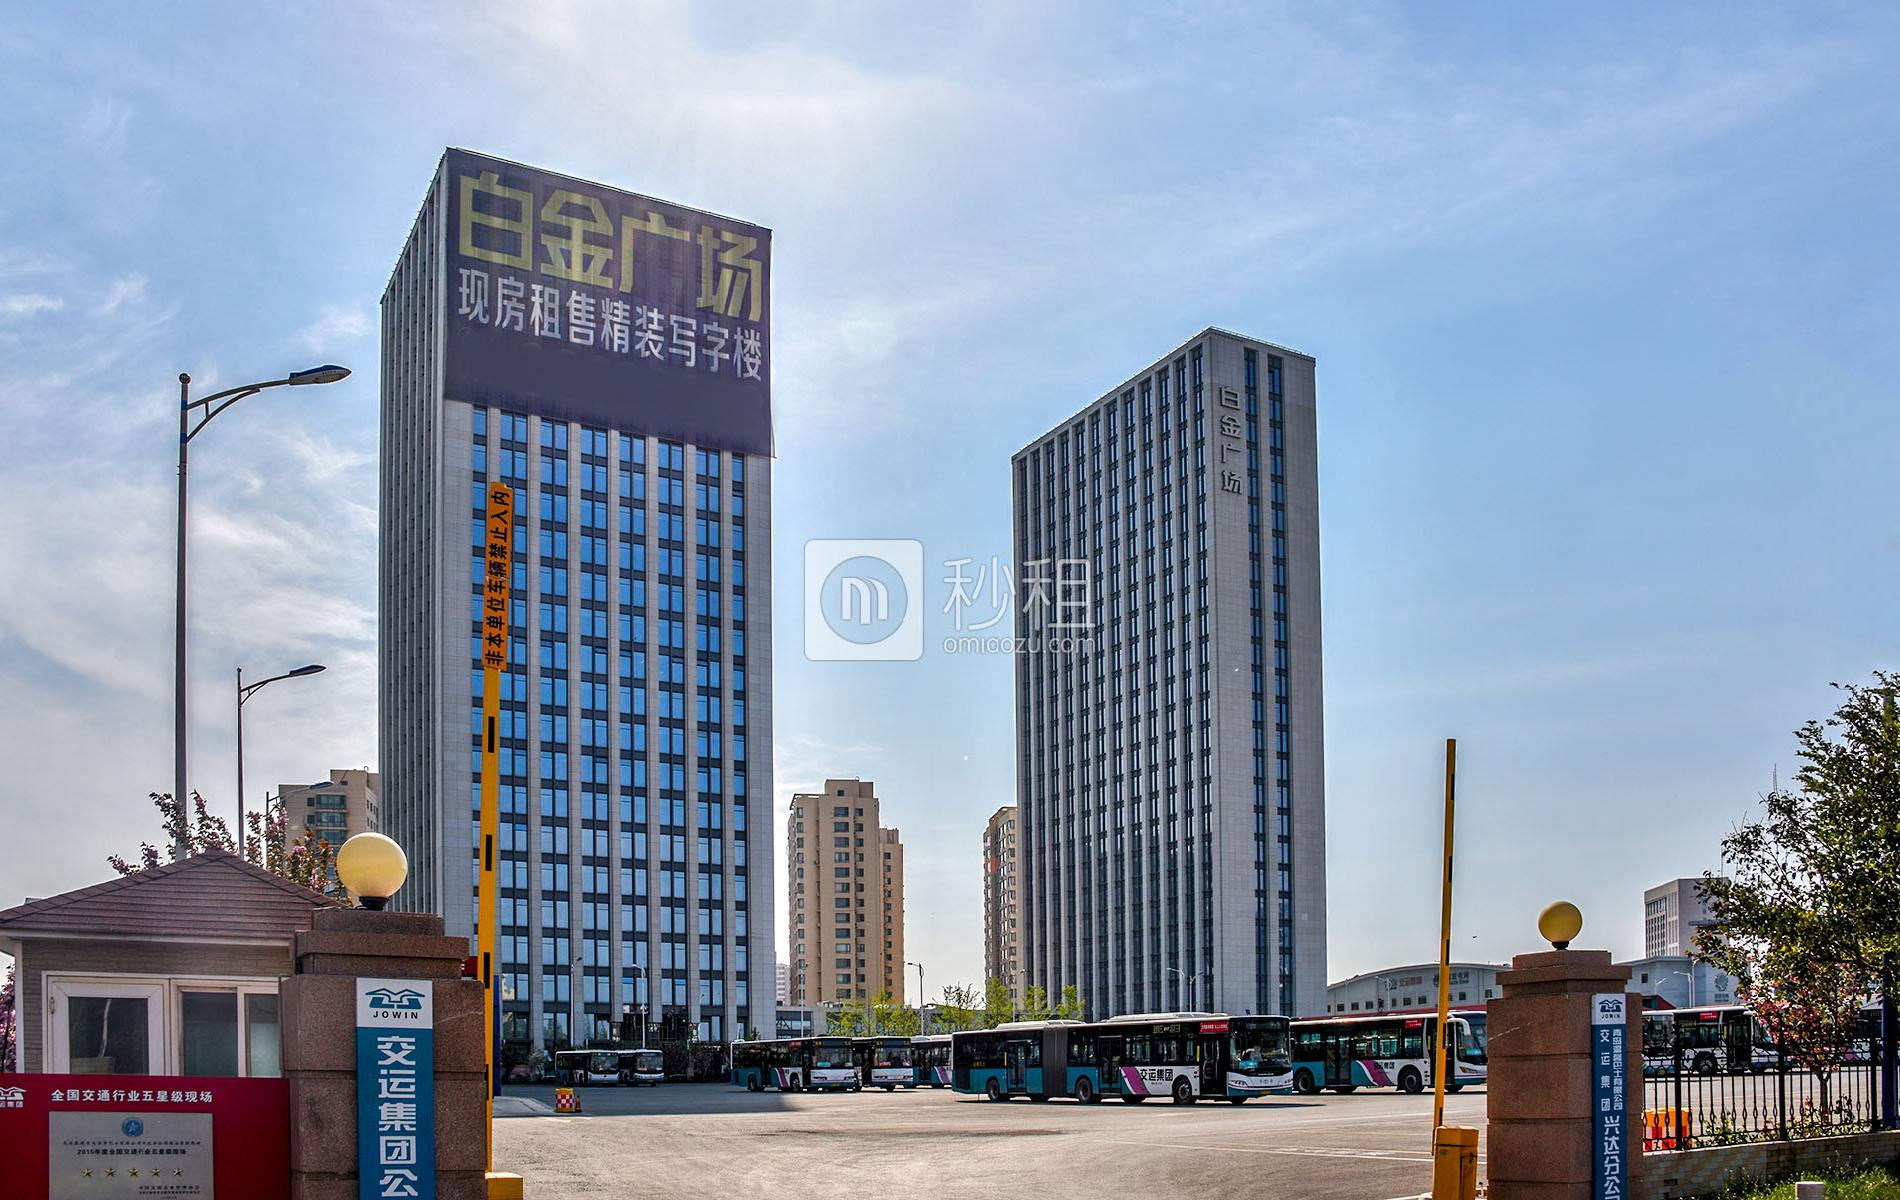 白金广场写字楼出租/招租/租赁,白金广场办公室出租/招租/租赁